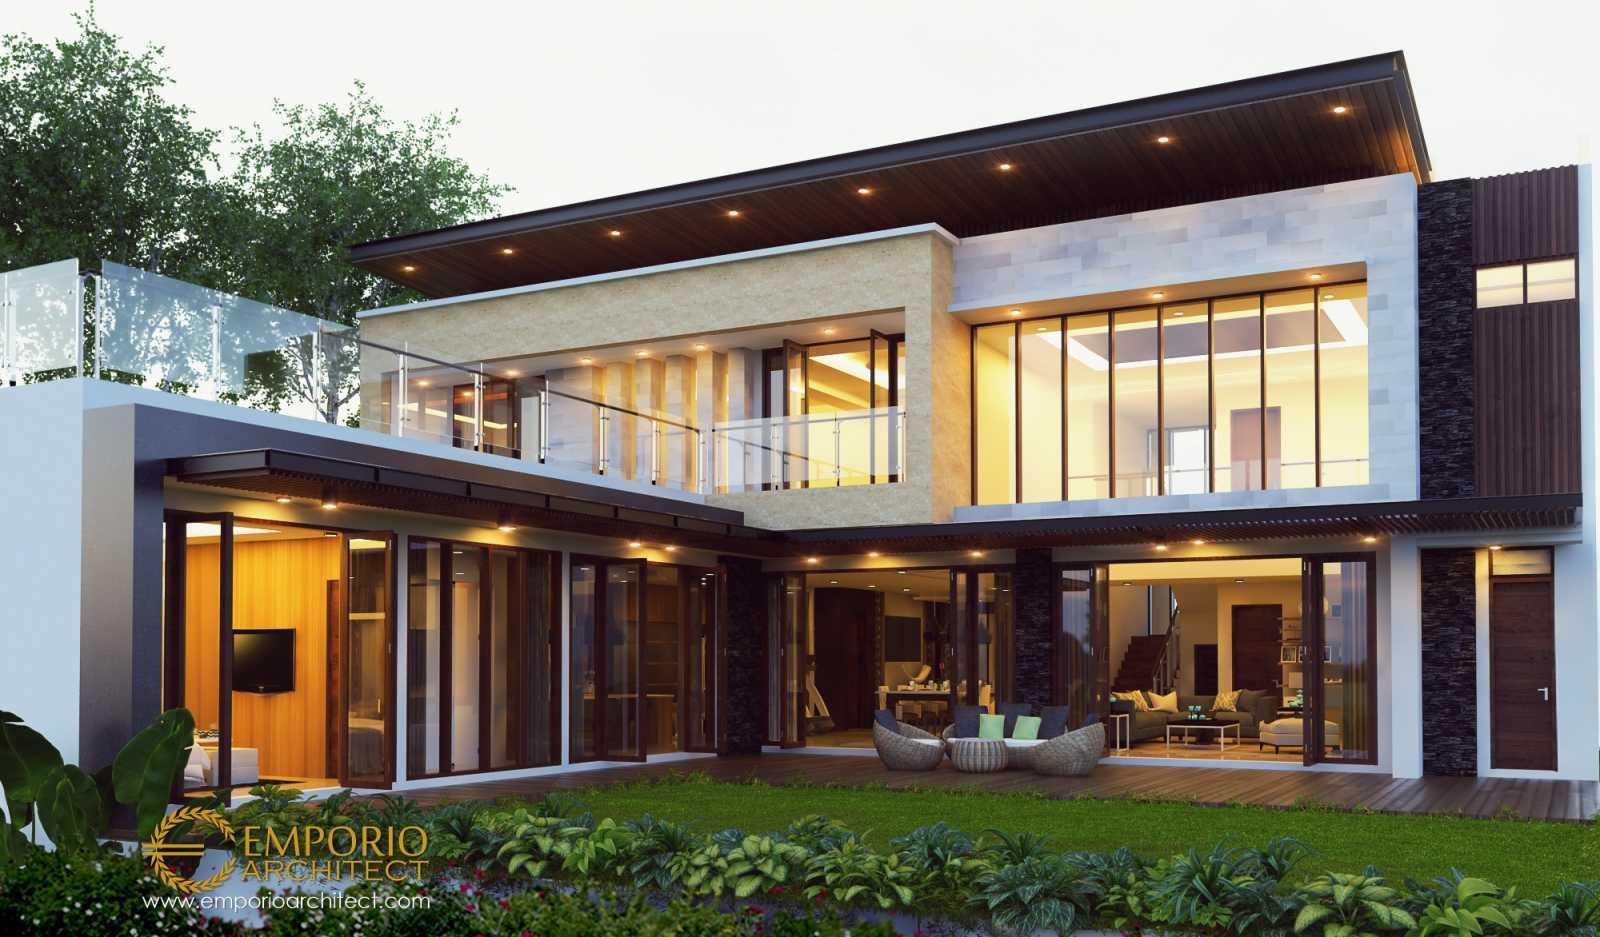 Emporio Architect Desain Rumah Modern Tropis 456 @ Bekasi Bekasi, Kota Bks, Jawa Barat, Indonesia Bekasi, Kota Bks, Jawa Barat, Indonesia Emporio-Architect-Desain-Rumah-Modern-Tropis-456-Bekasi  76121